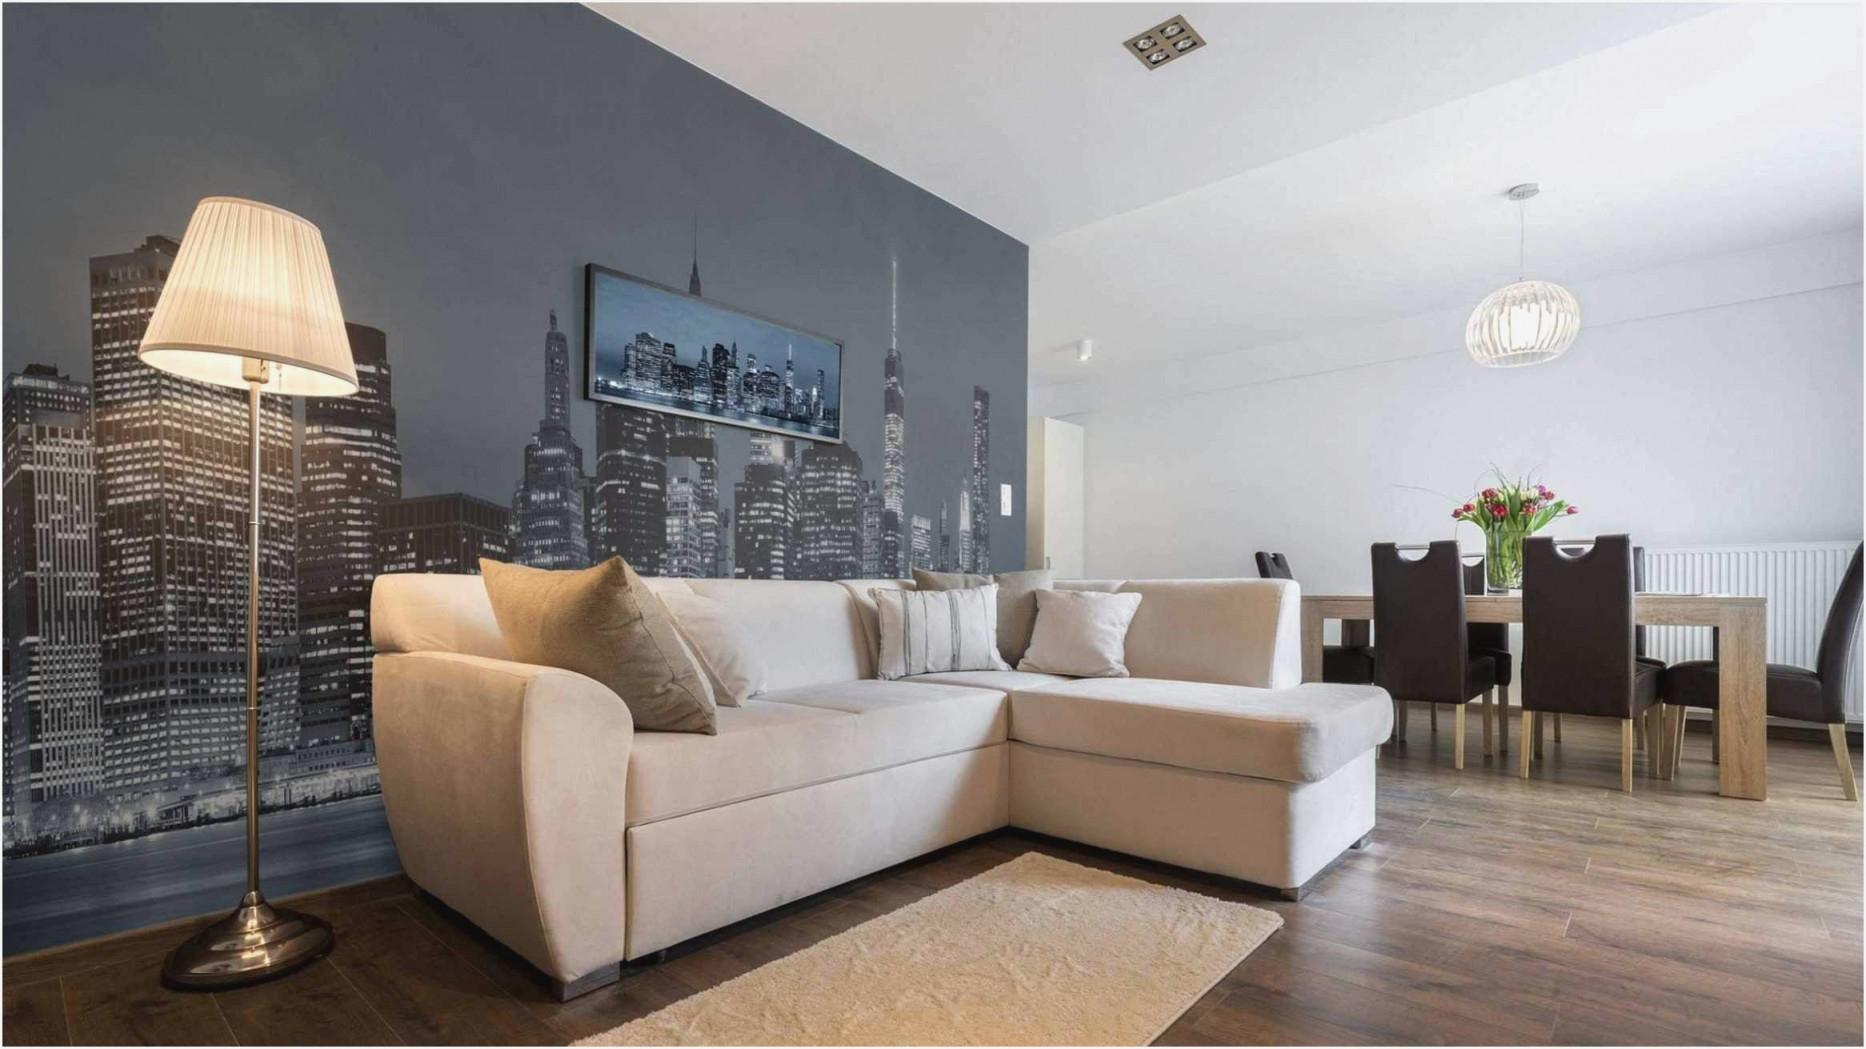 Wandgestaltung Wohnzimmer Beispiele – Caseconrad von Wandgestaltung Ideen Wohnzimmer Bild